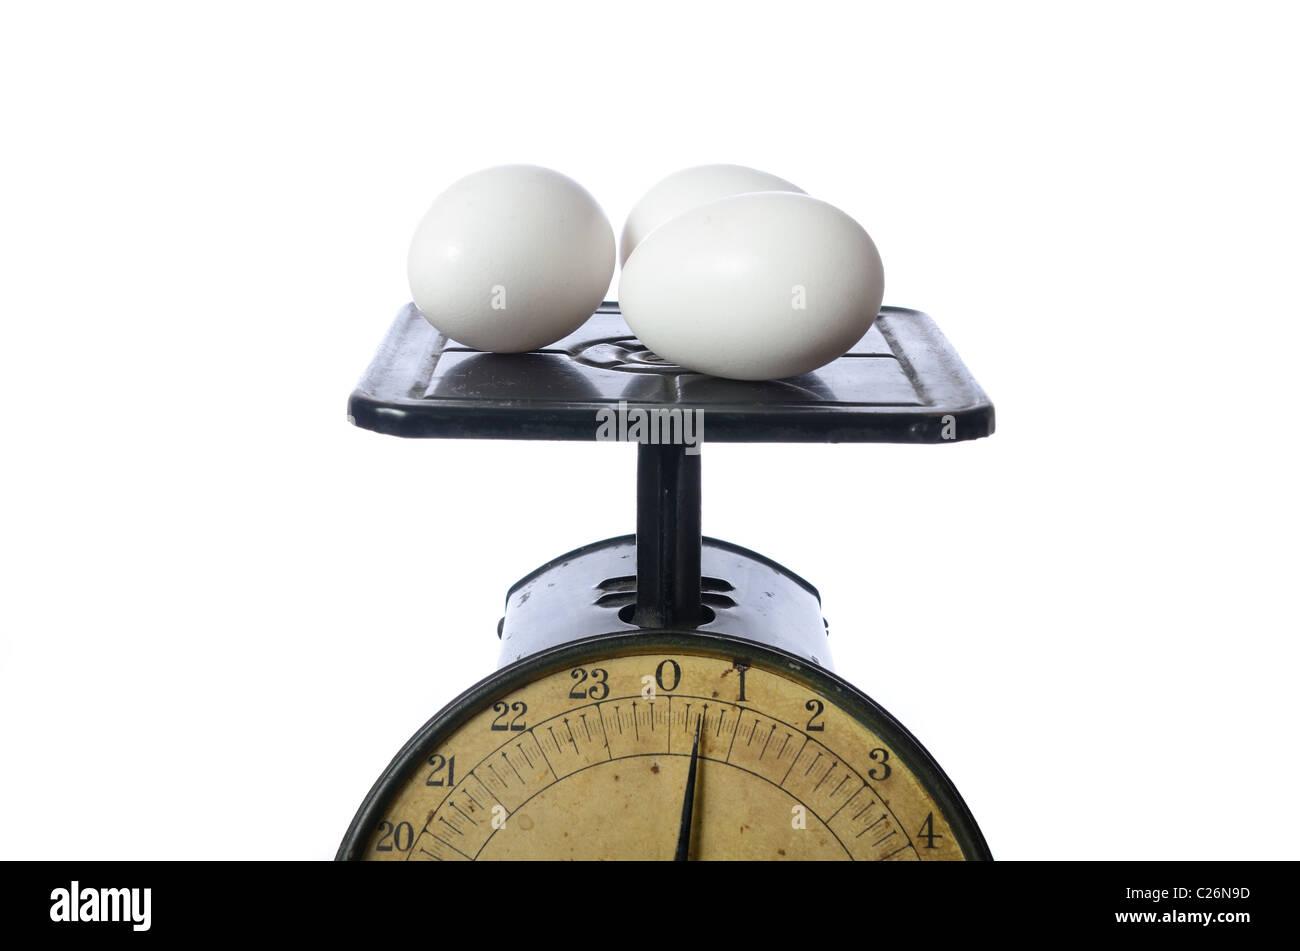 Los huevos se pesan en una antigua báscula. Imagen De Stock